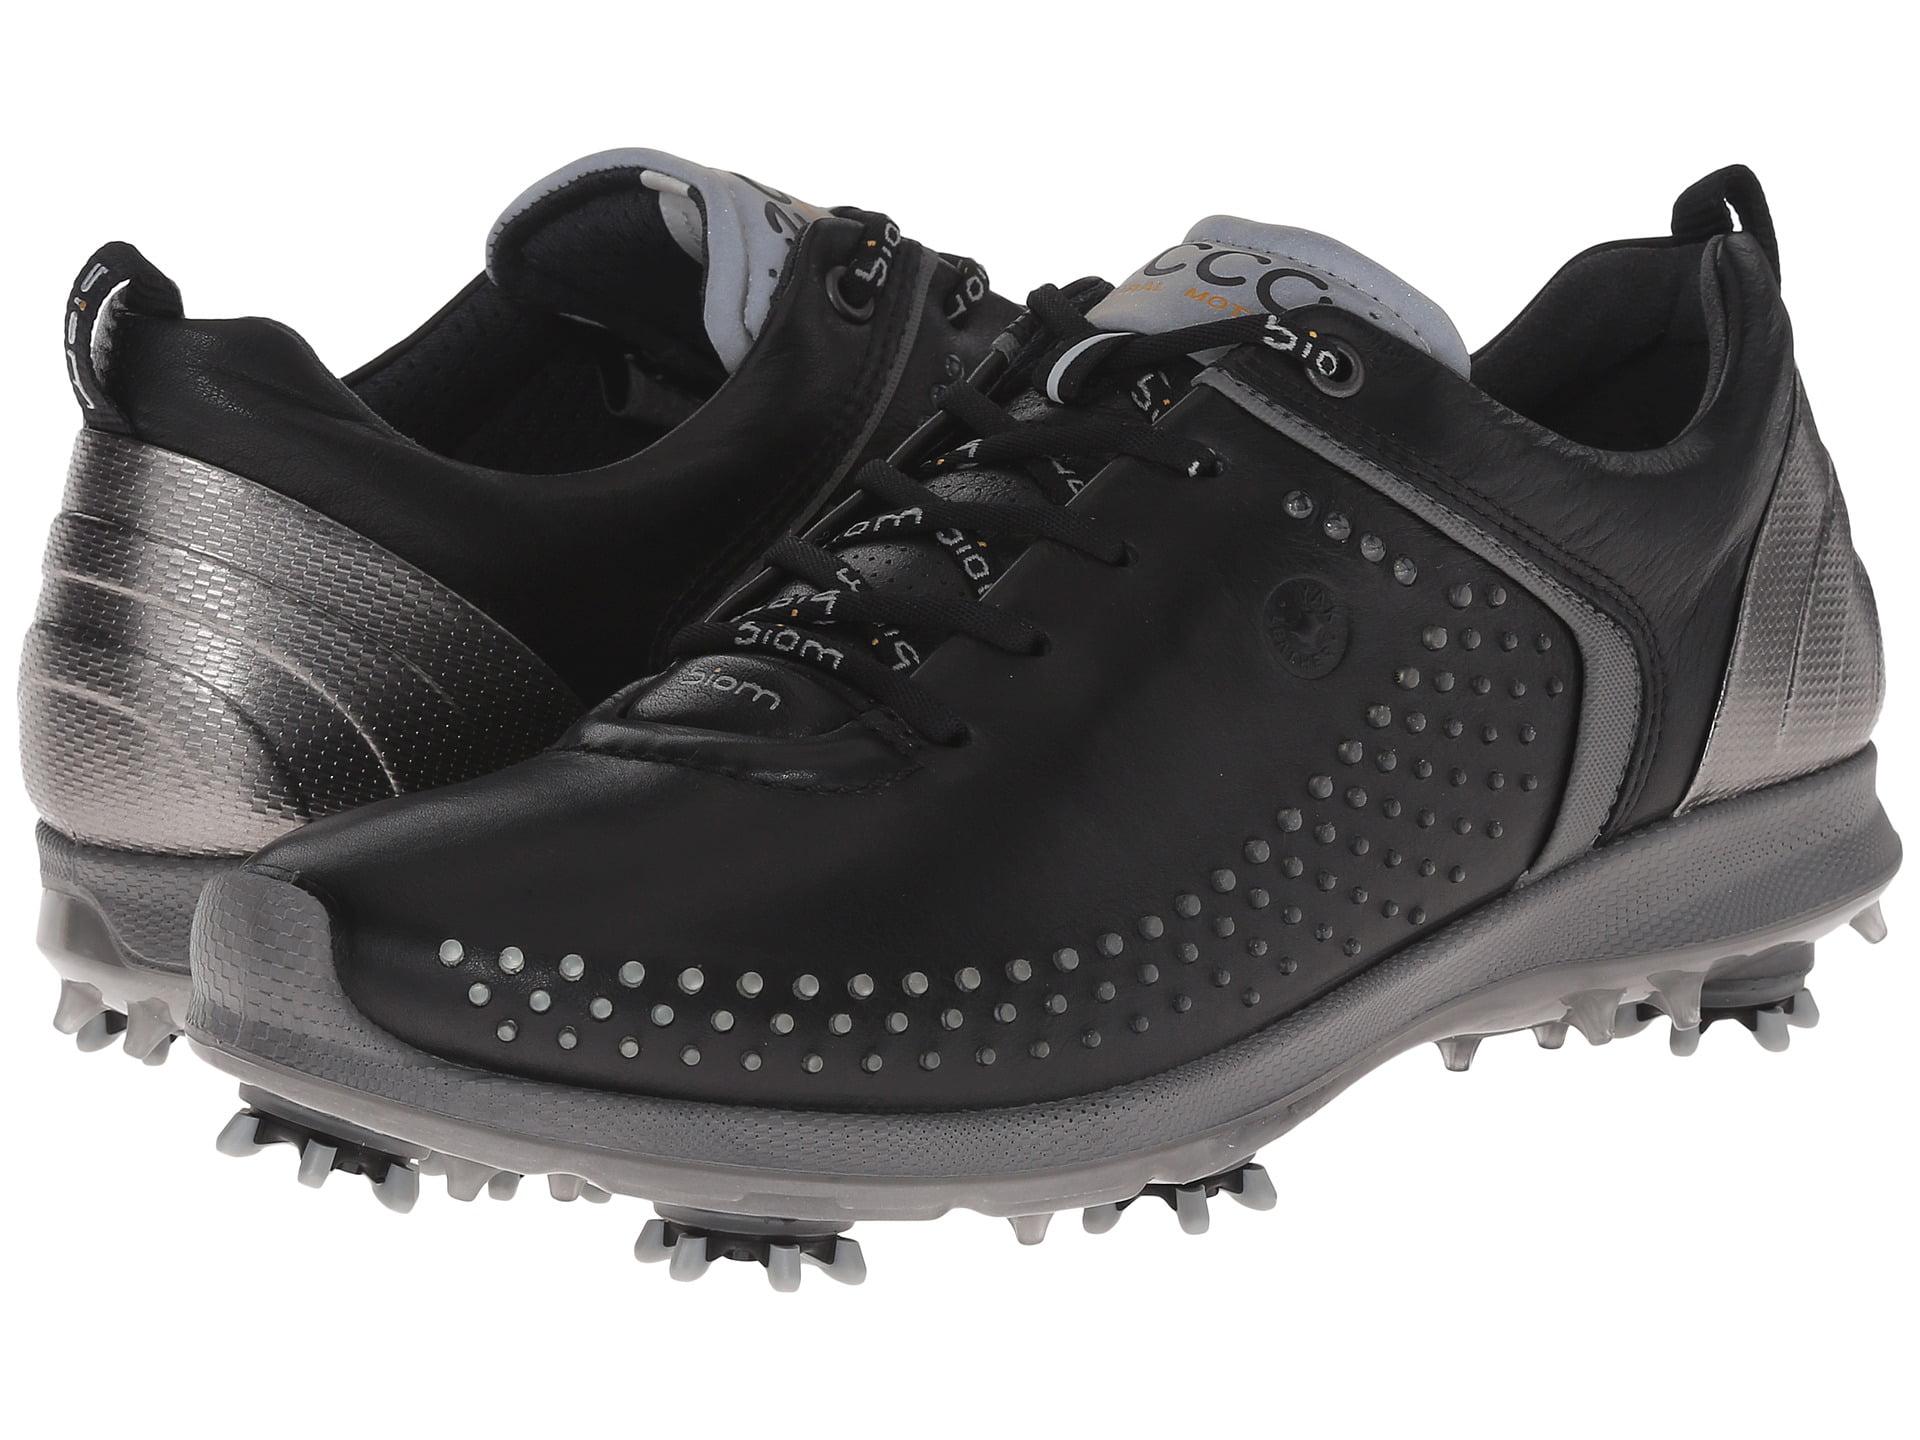 ECCO Men's Biom G2 Golf Shoes Black Transparent (43.0 EU   9-9.5M US) by